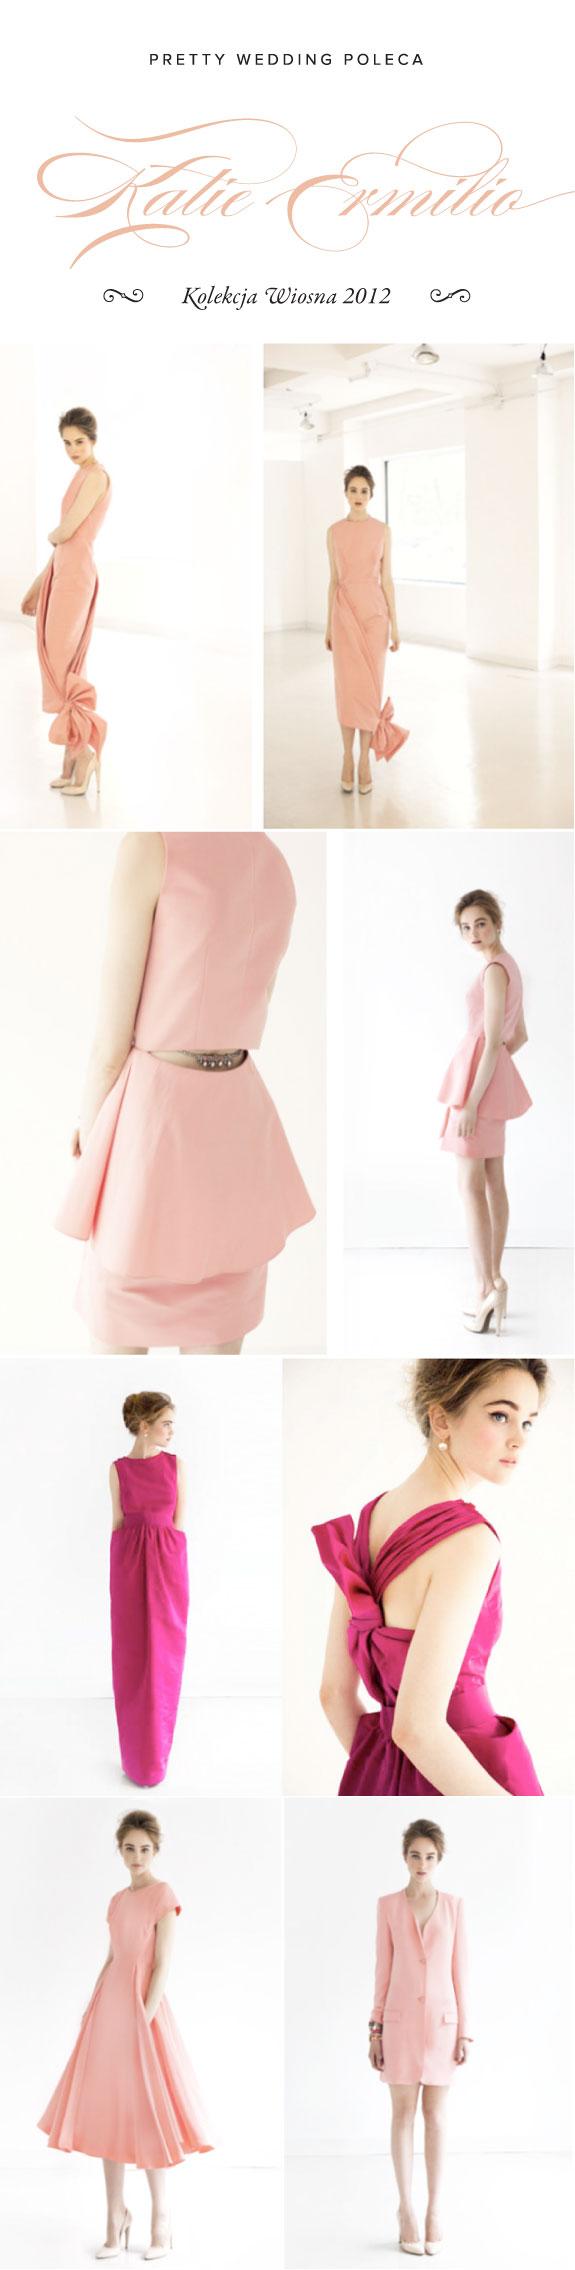 Różowe Suknie Ślubne Z Kolekcji Wiosna 2012